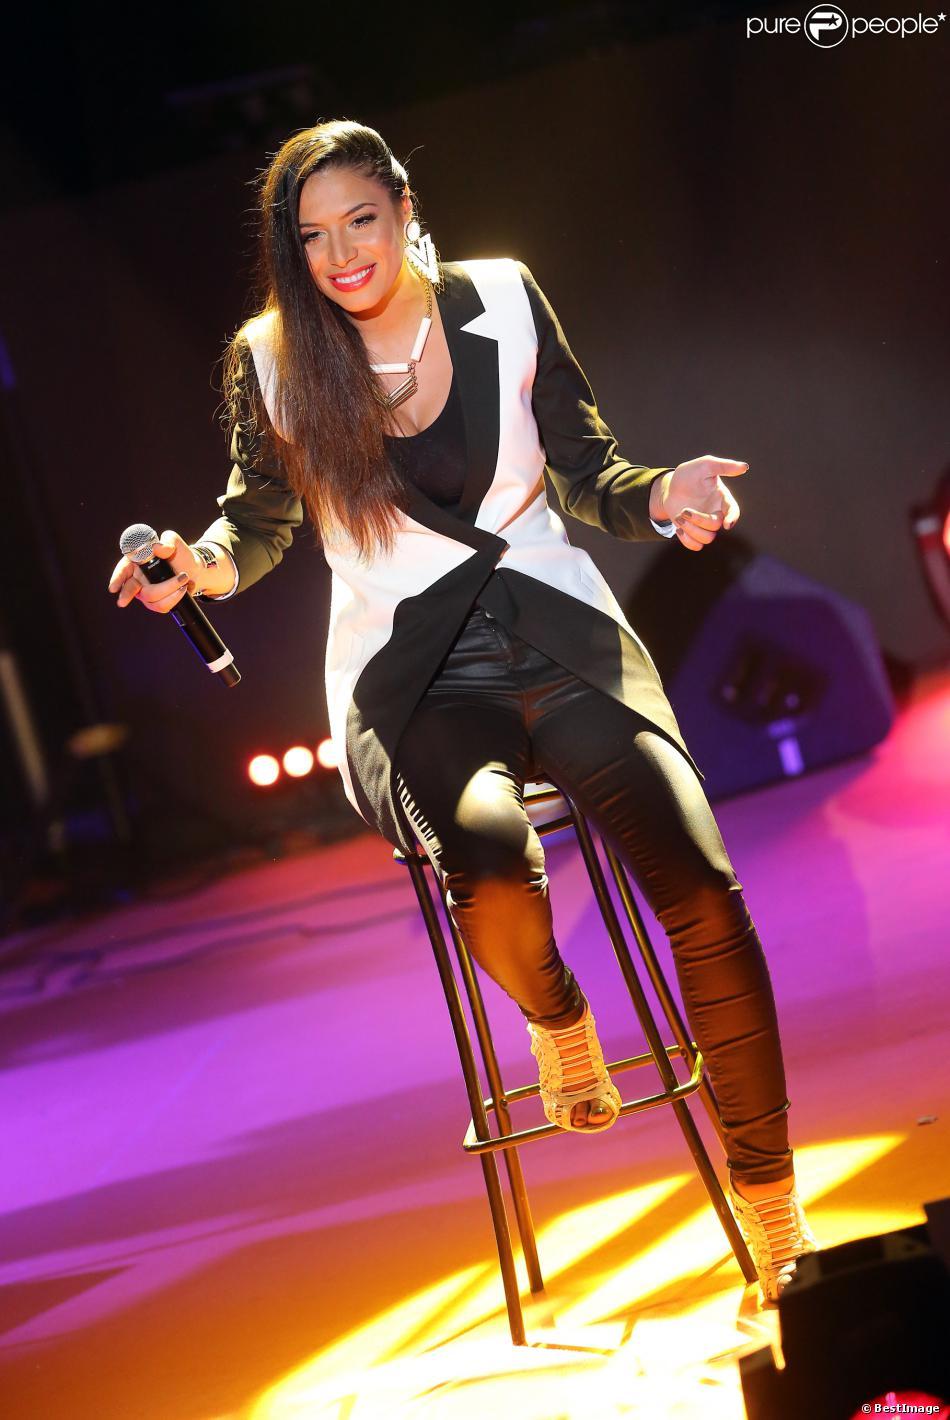 Zaho reçoit le prix de meilleure artiste féminine à la cérémonie des Trace Urban Music Awards 2013, à Paris, le 14 mai 2013.